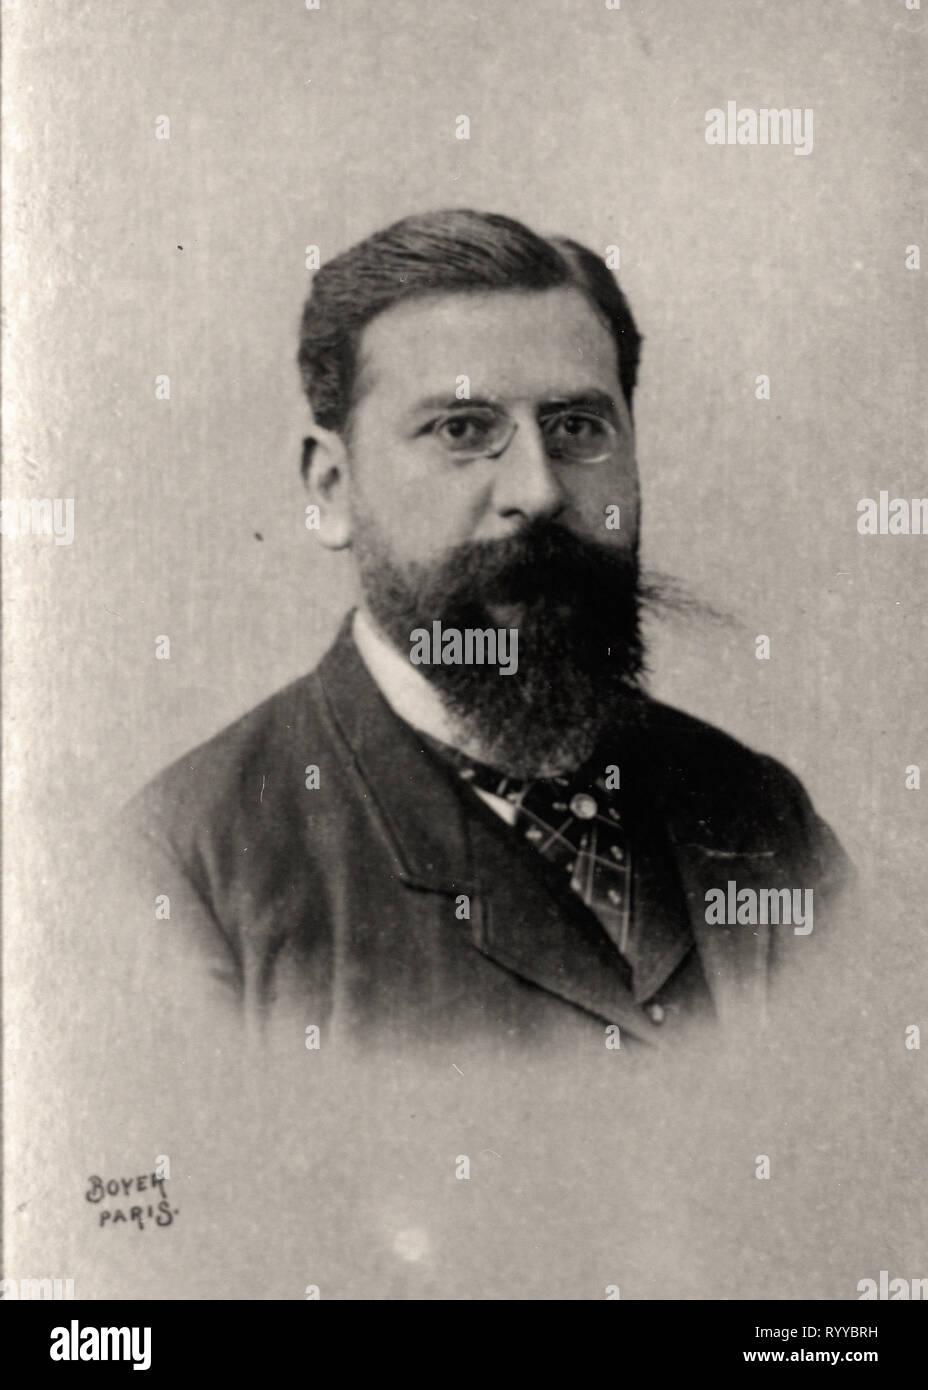 Retrato fotográfico de Pugno Colección de Félix Potin, de principios del siglo XX. Foto de stock